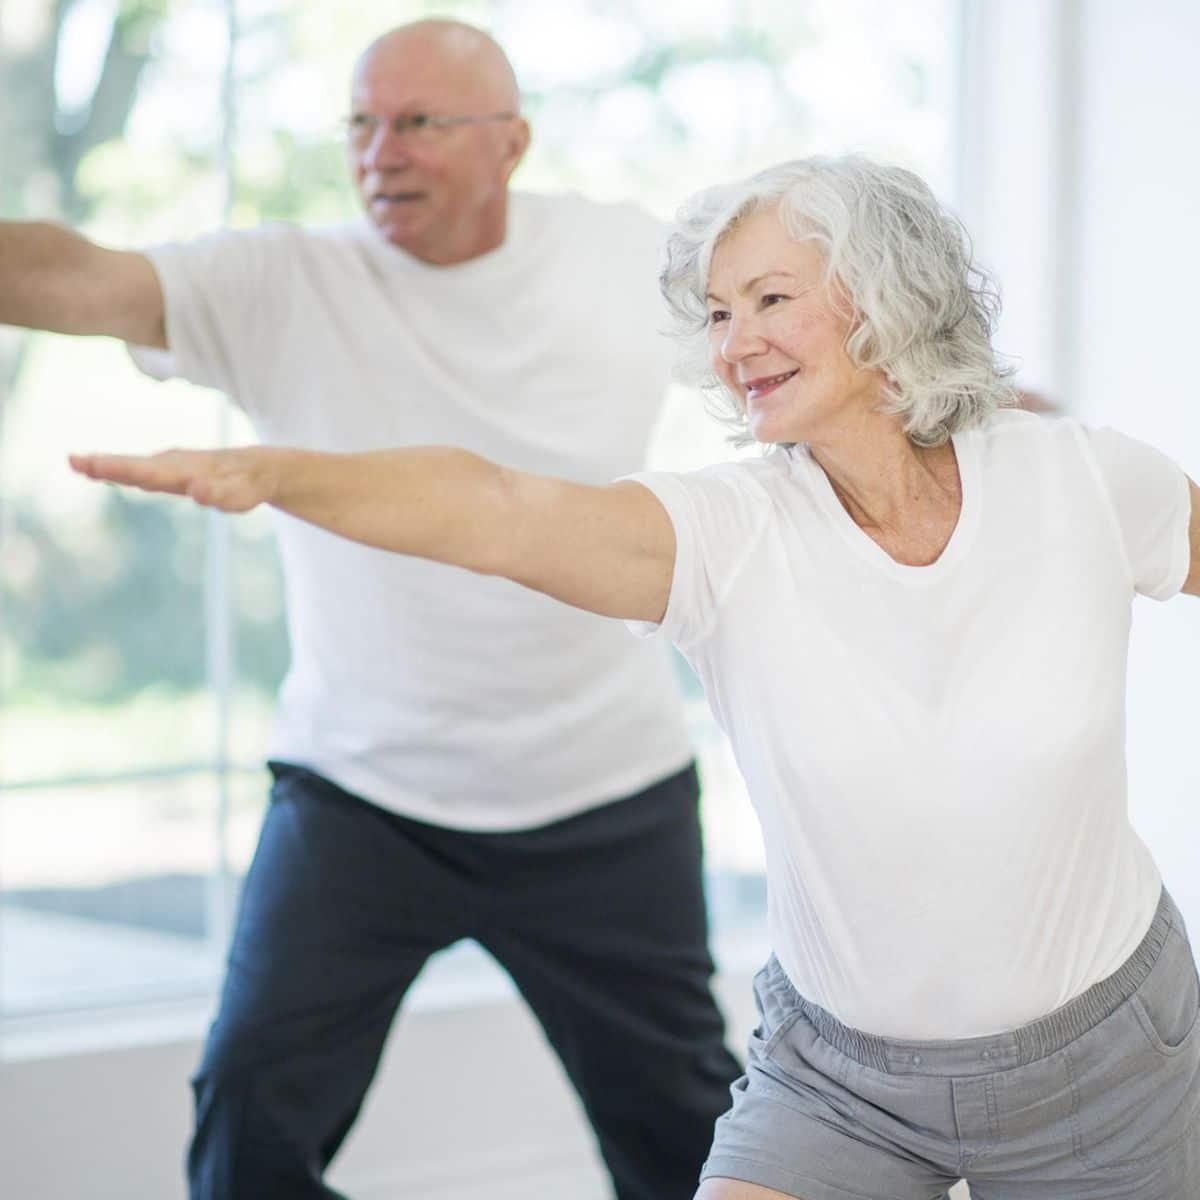 Santé mentale : le sport pourrait aider les personnes souffrant d'Alzheimer à se porter mieux !